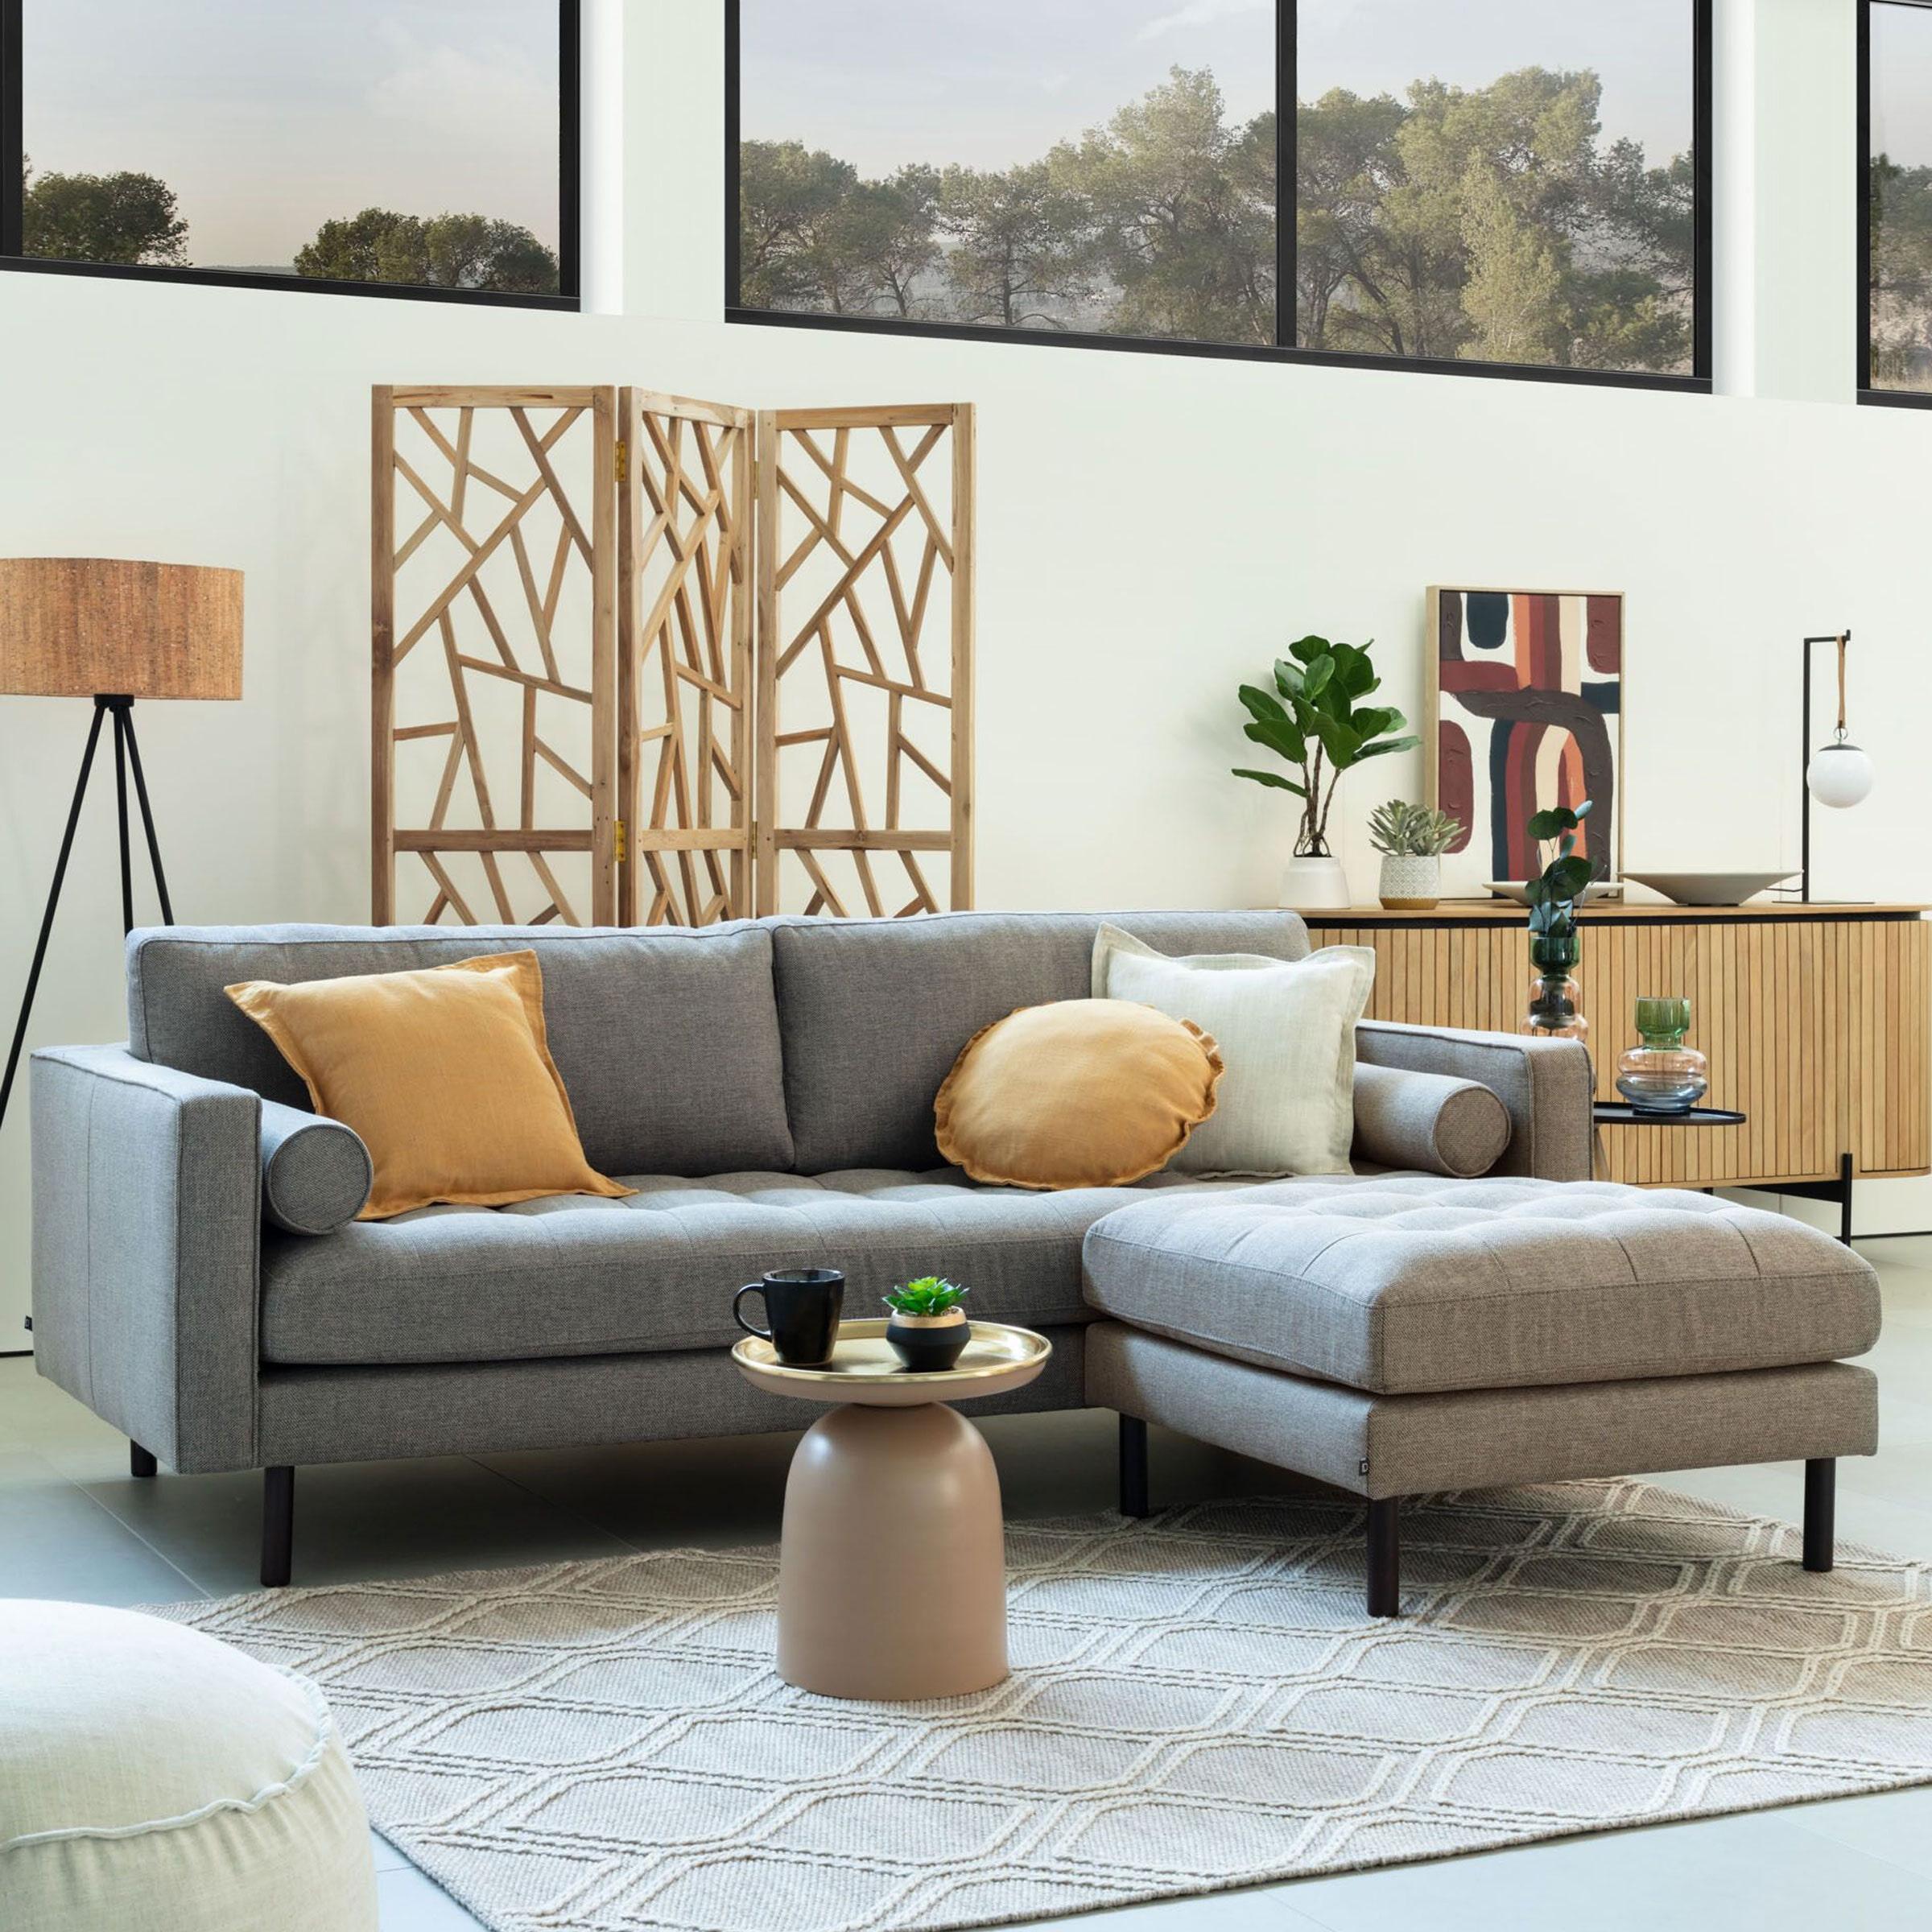 Kave Home 3-zits Bank 'Debra' met poef, Stof, kleur Lichtgrijs